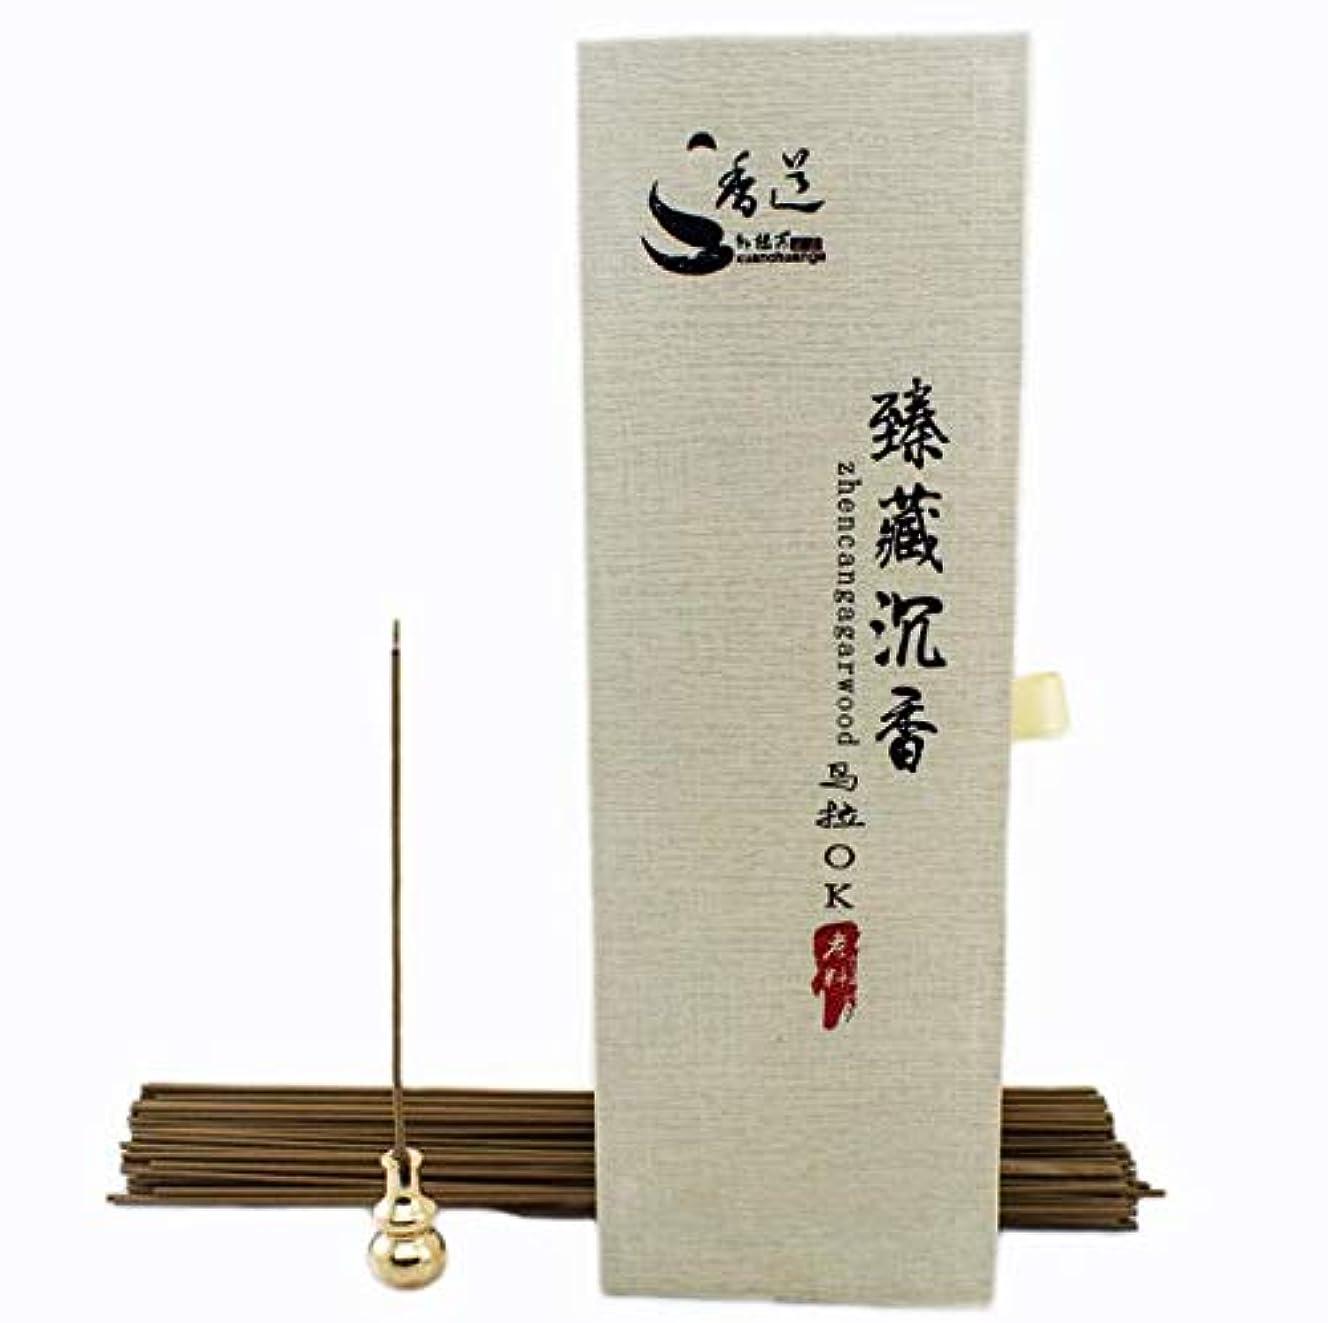 ジャーナル大使館ヘビーお香のサポート、銅の香バーナー、風水の装飾、オフィステーブルのための中空牡丹レリーフ、ホームデコ,Incense*2B